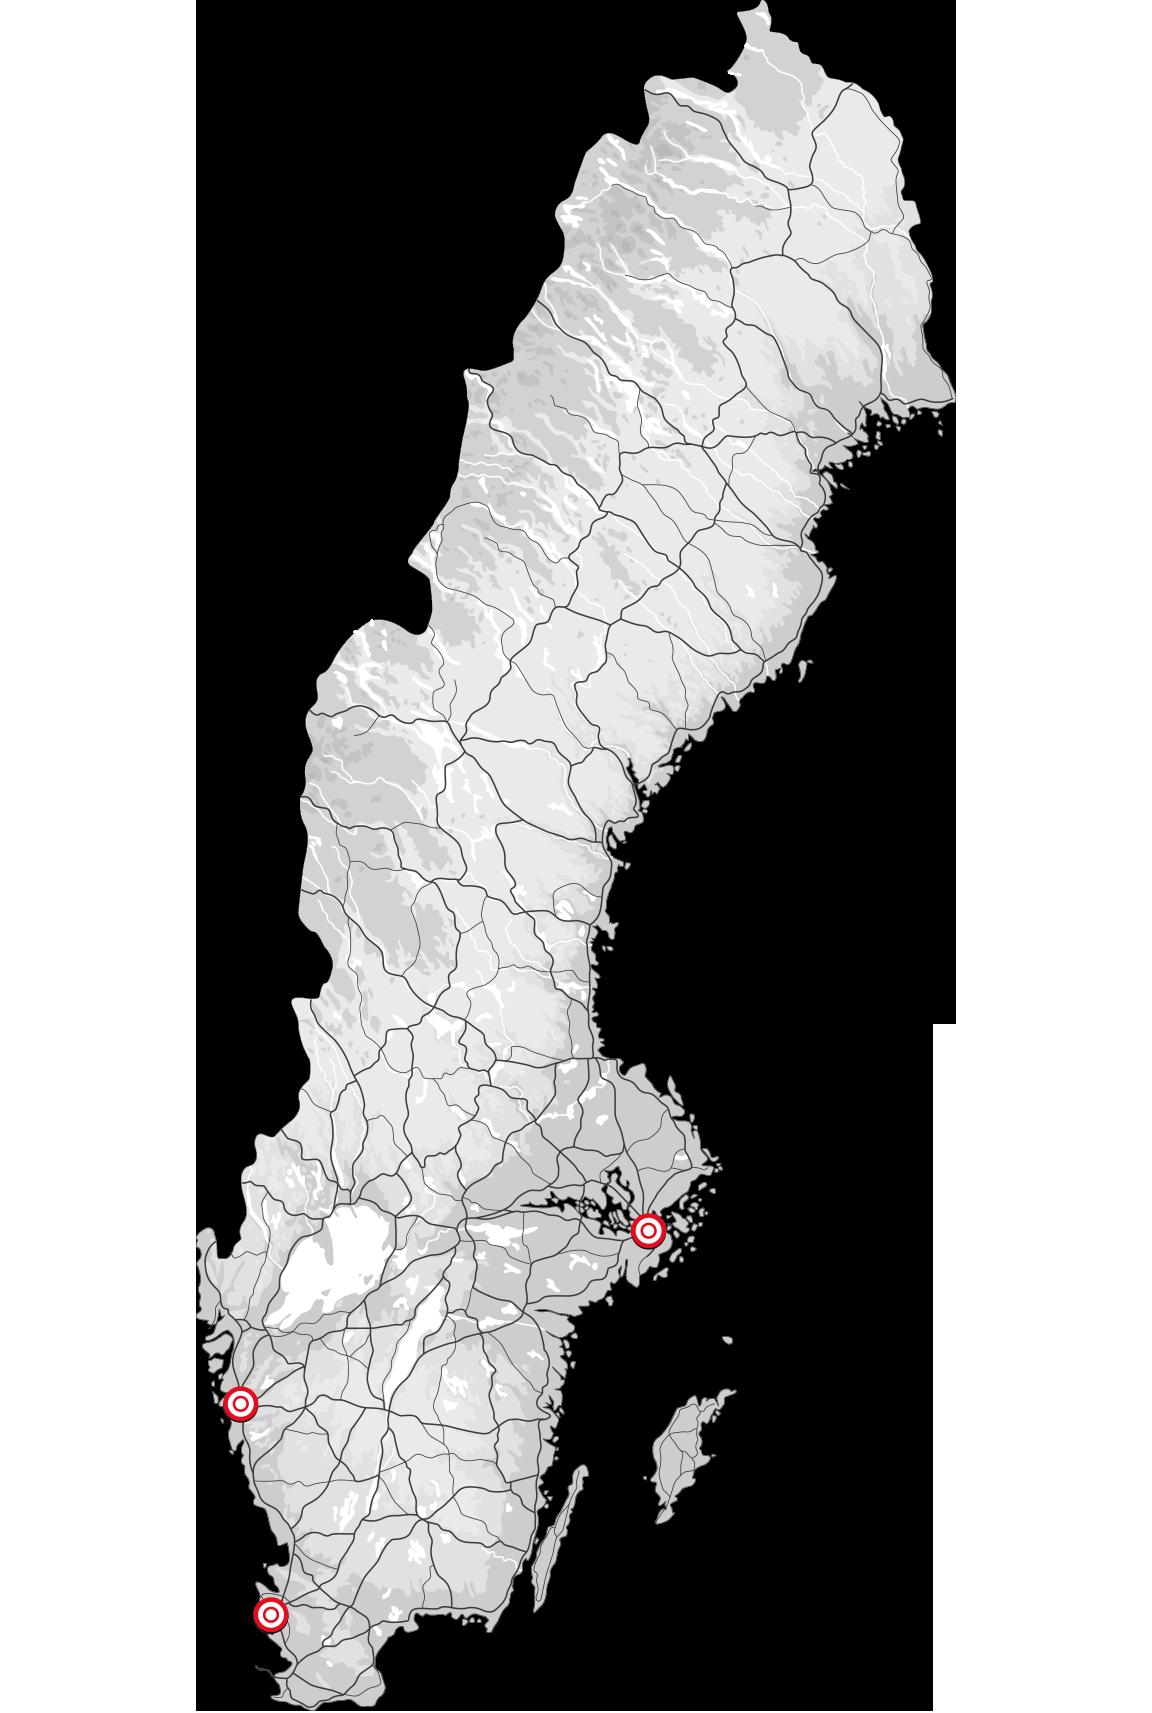 Sverigekarta_02